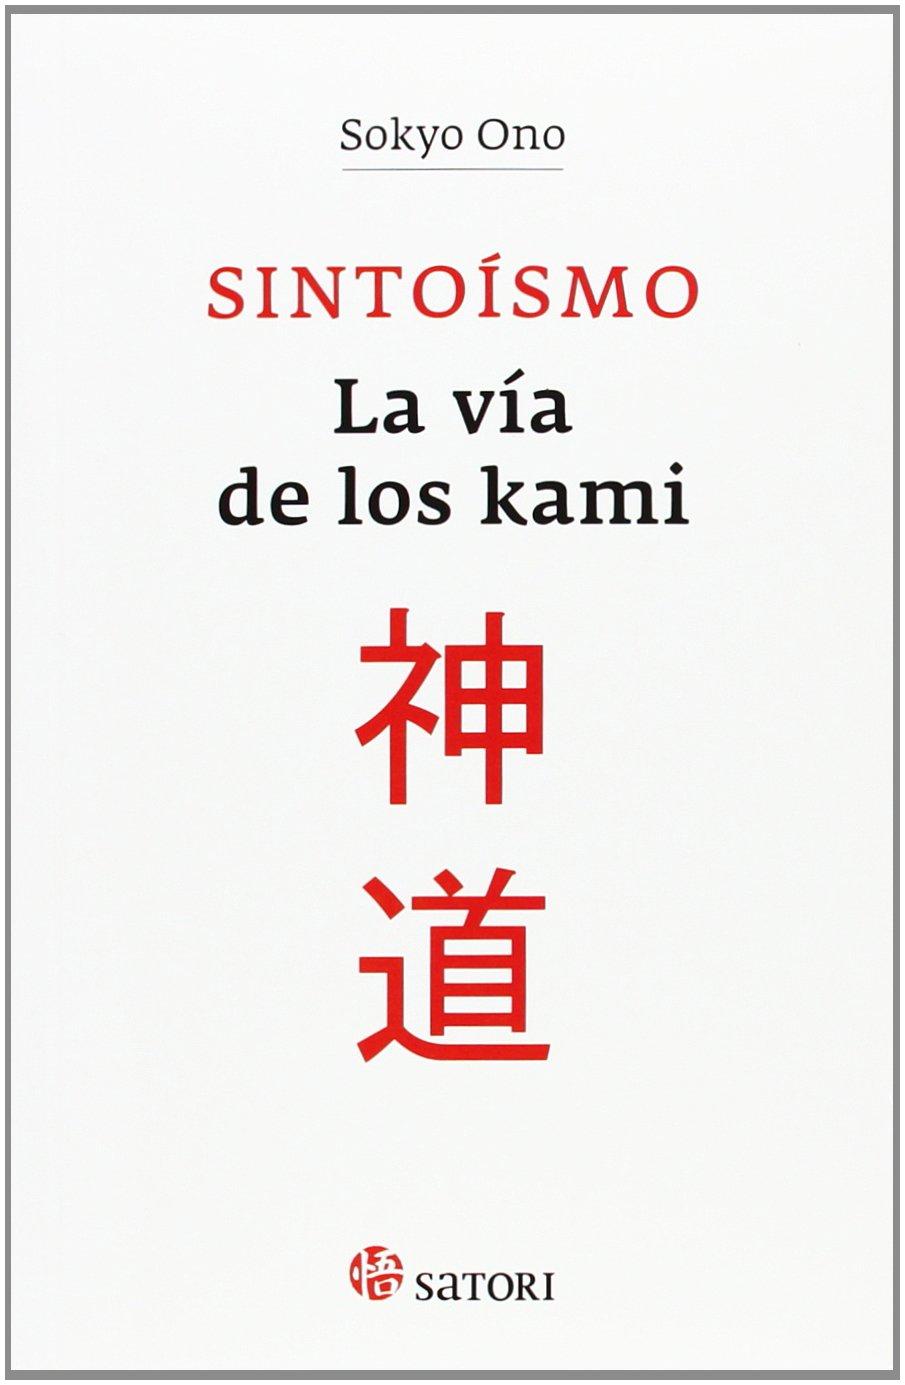 La Vía De Los Kami (Filosofía y Religión): Amazon.es: Sokyo Ono, Marián  Bango Amorín: Libros